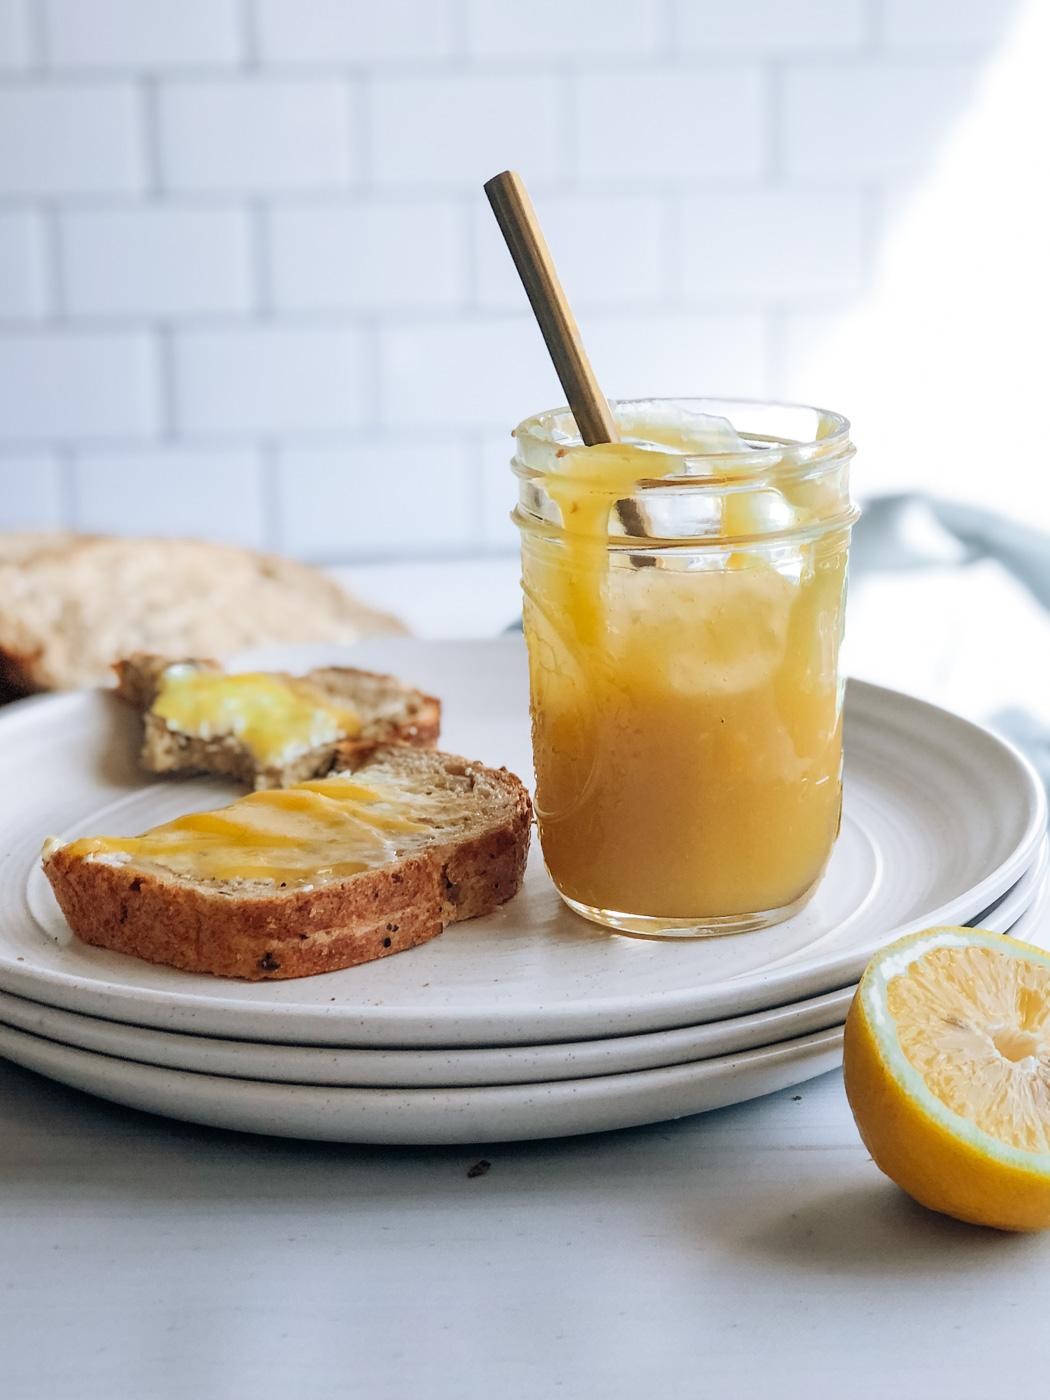 Healthy Small-Batch Lemon Curd